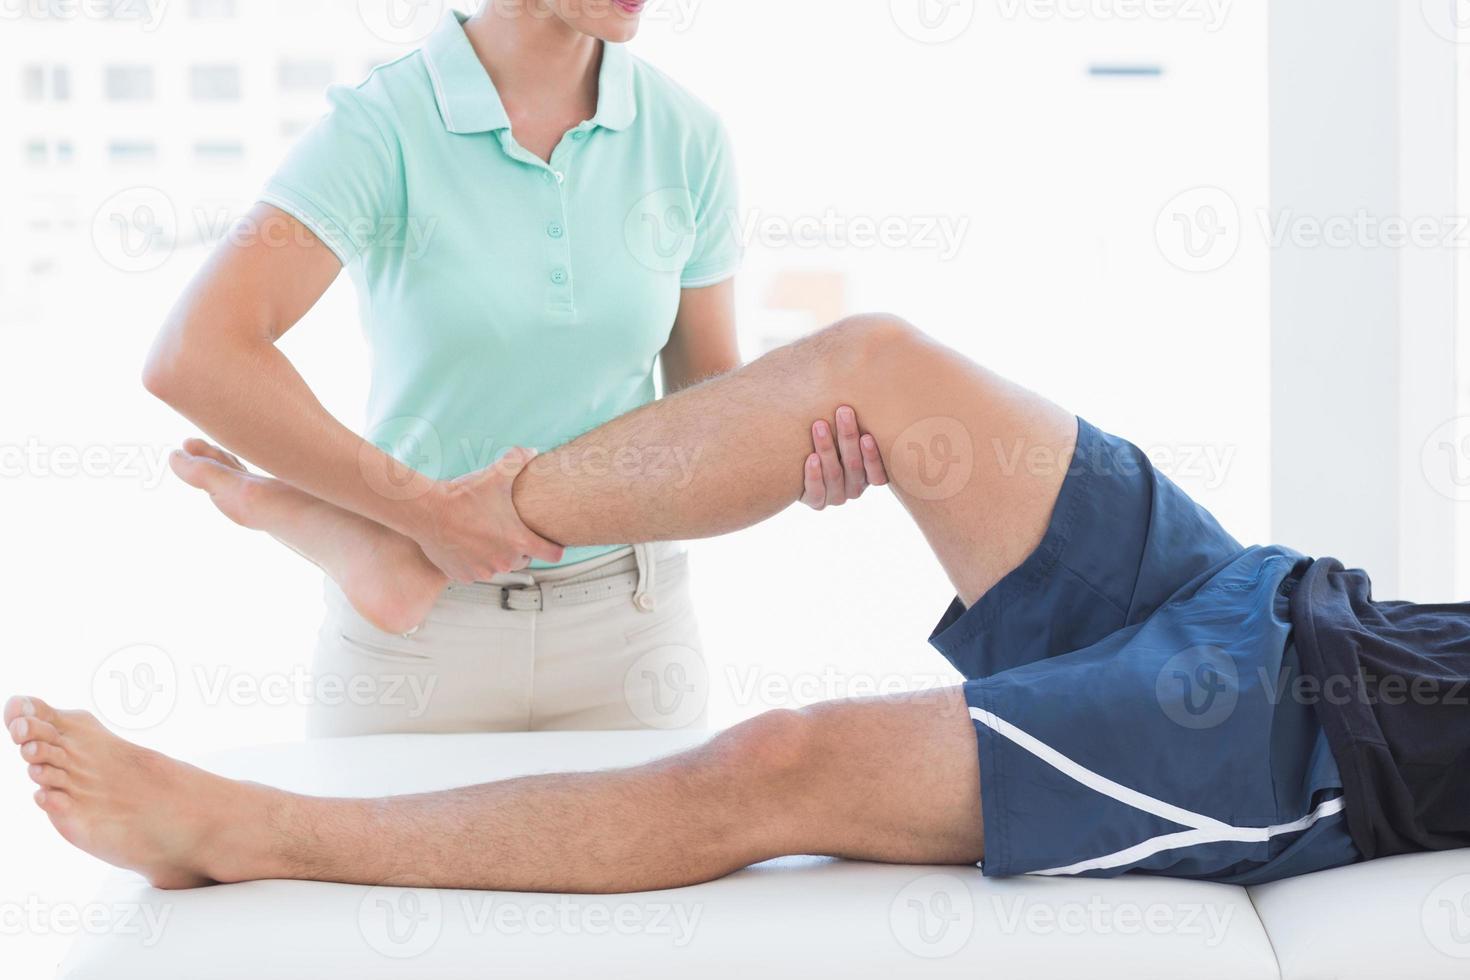 médico examinando a perna do homem foto